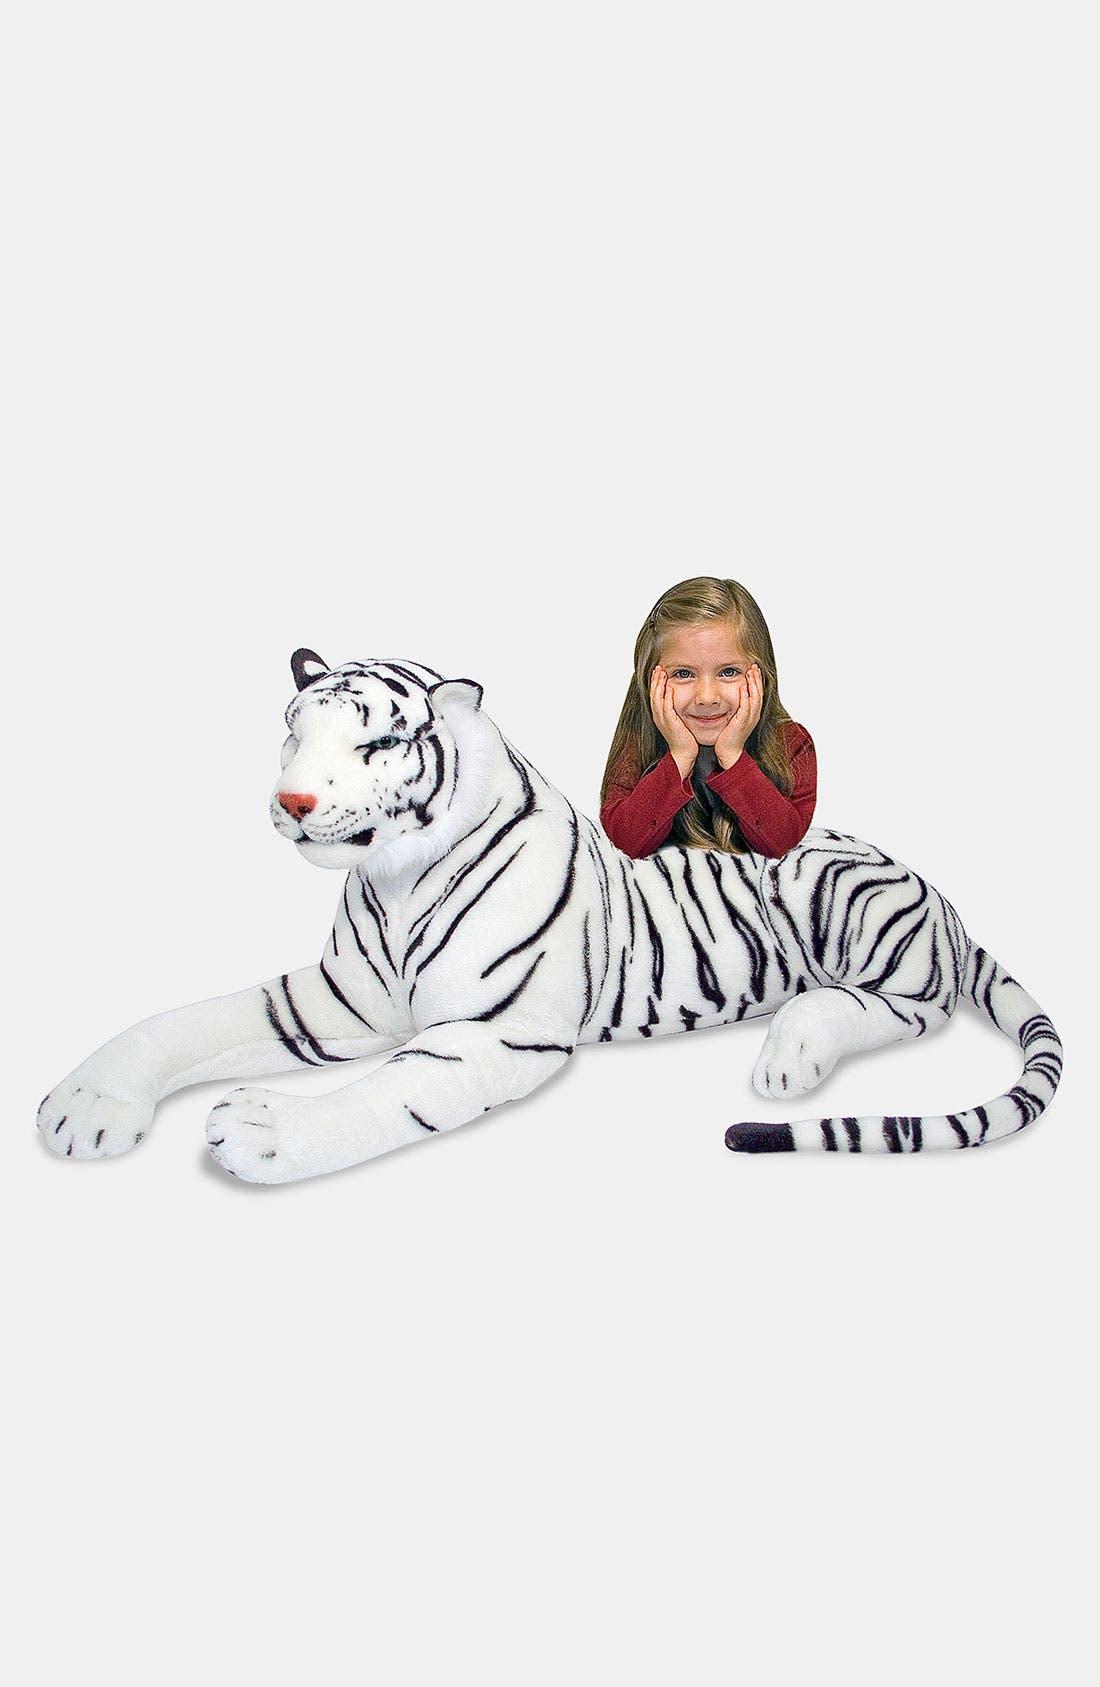 Main Image - Melissa & Doug Oversized Plush Stuffed White Tiger